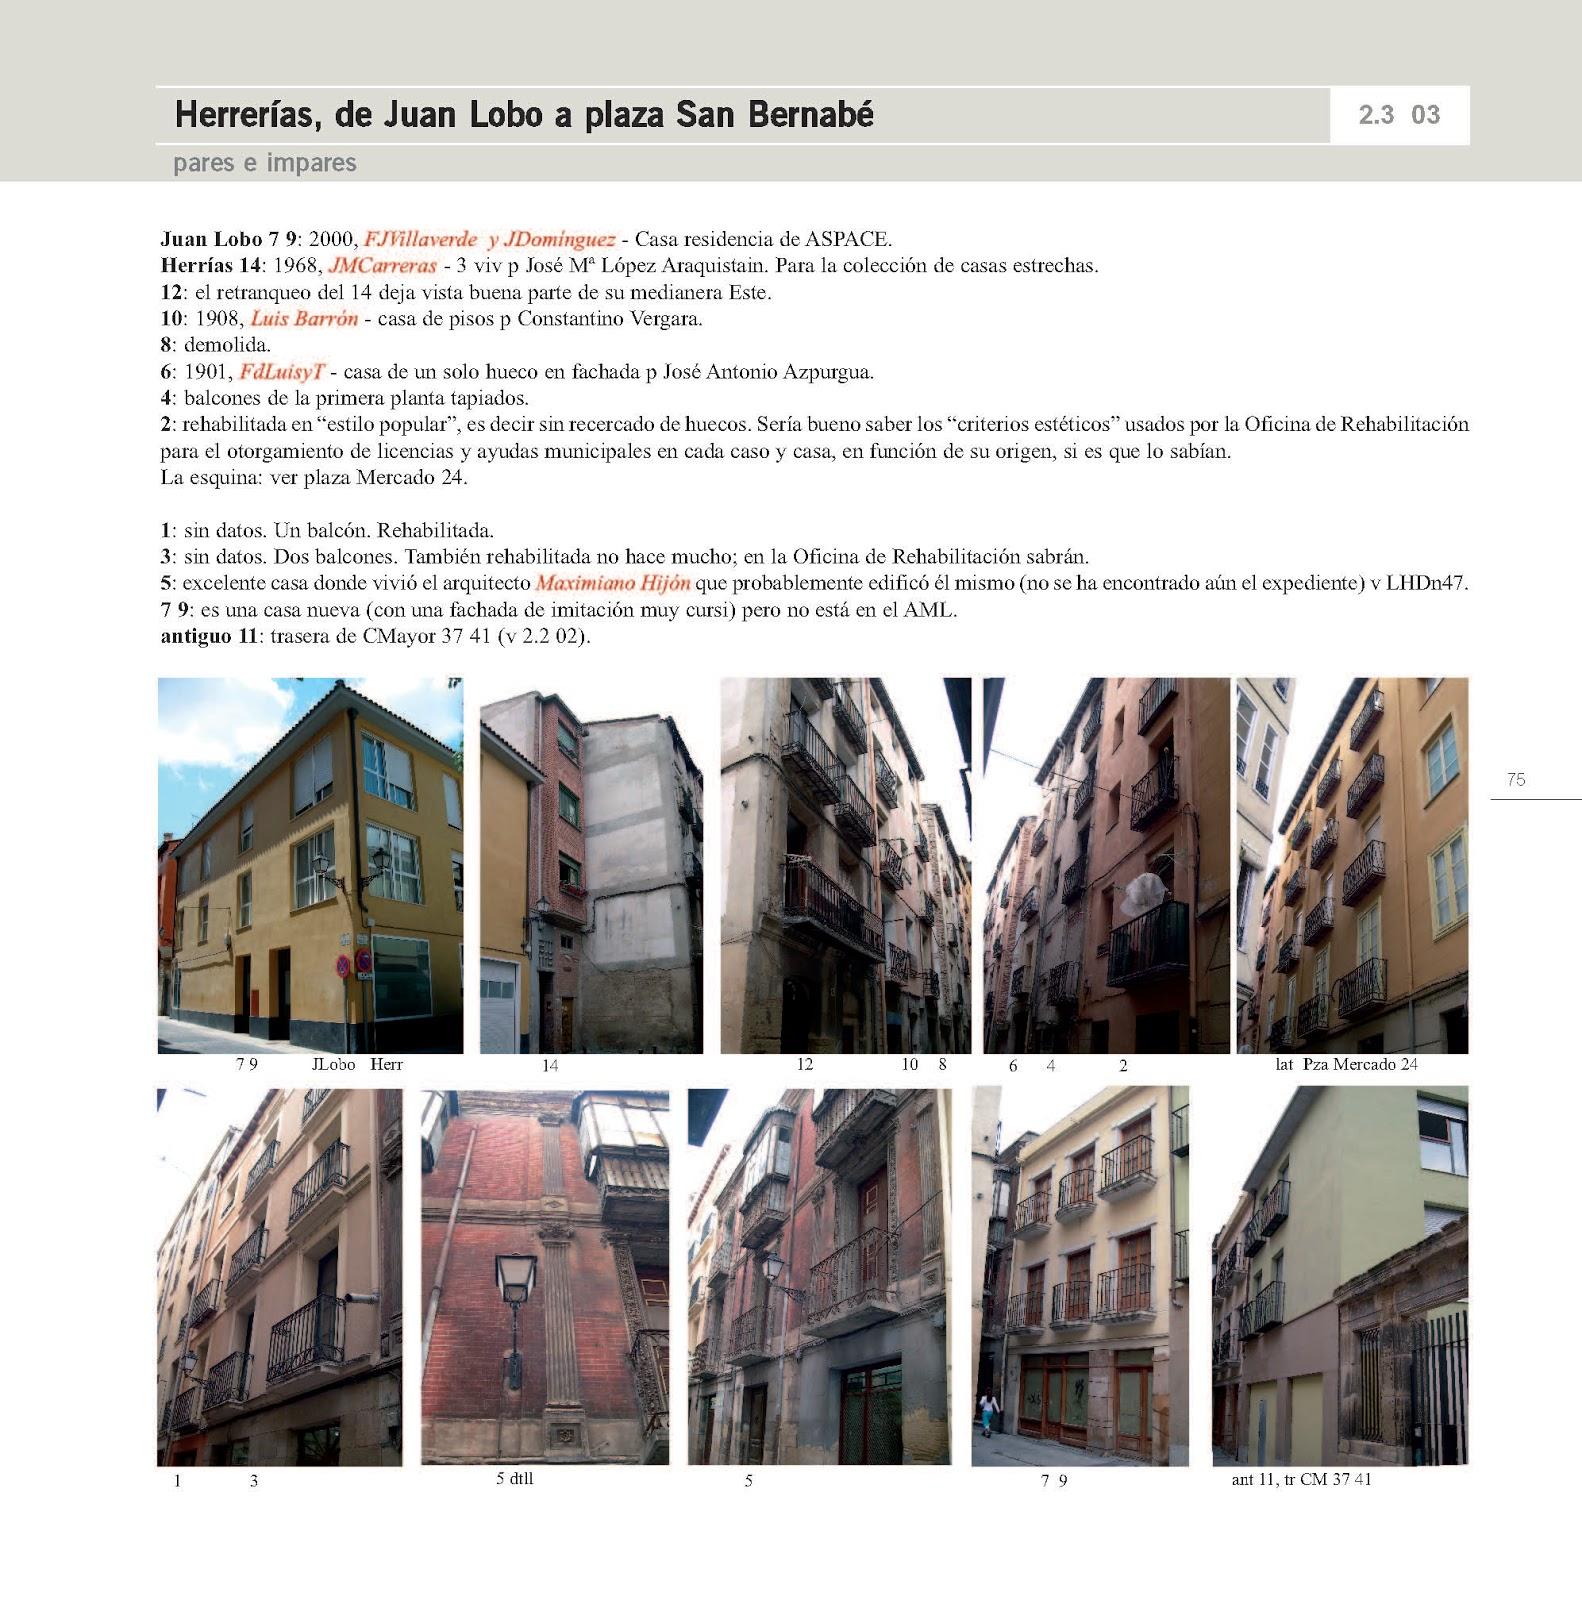 Guia De Arquitectura De Logro O Paginas 2 3 03